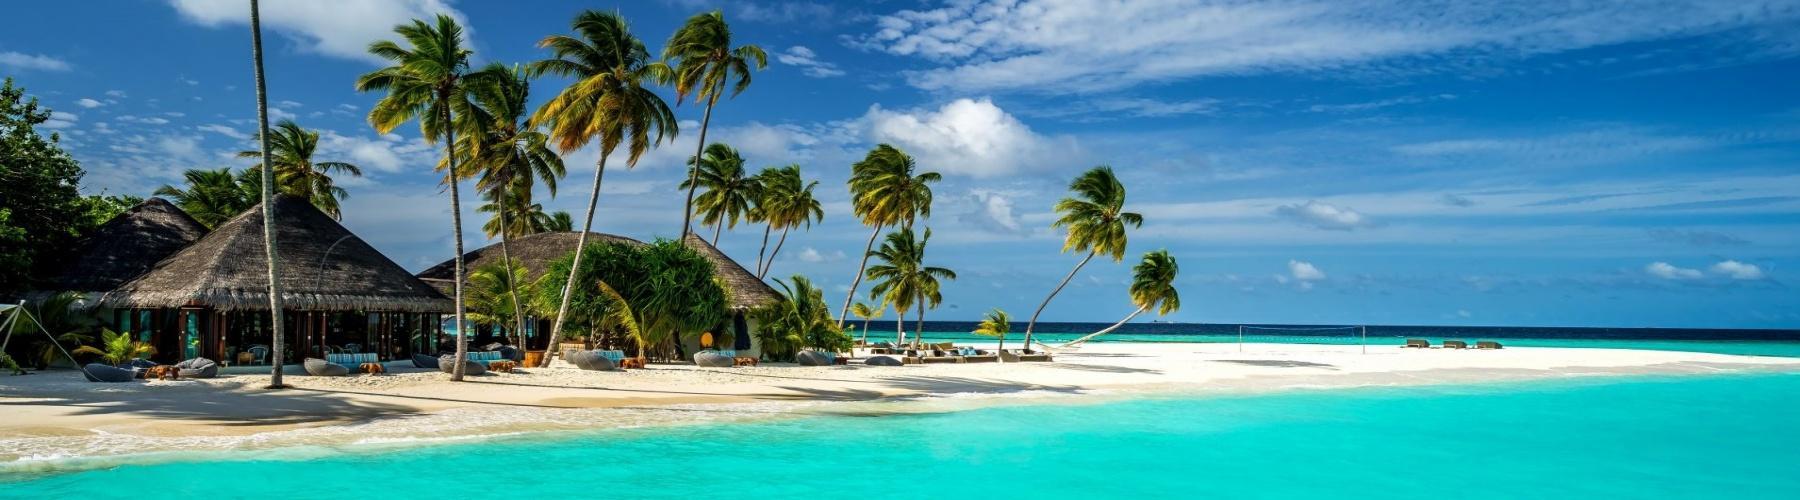 Самостоятельное путешествие на Мальдивы